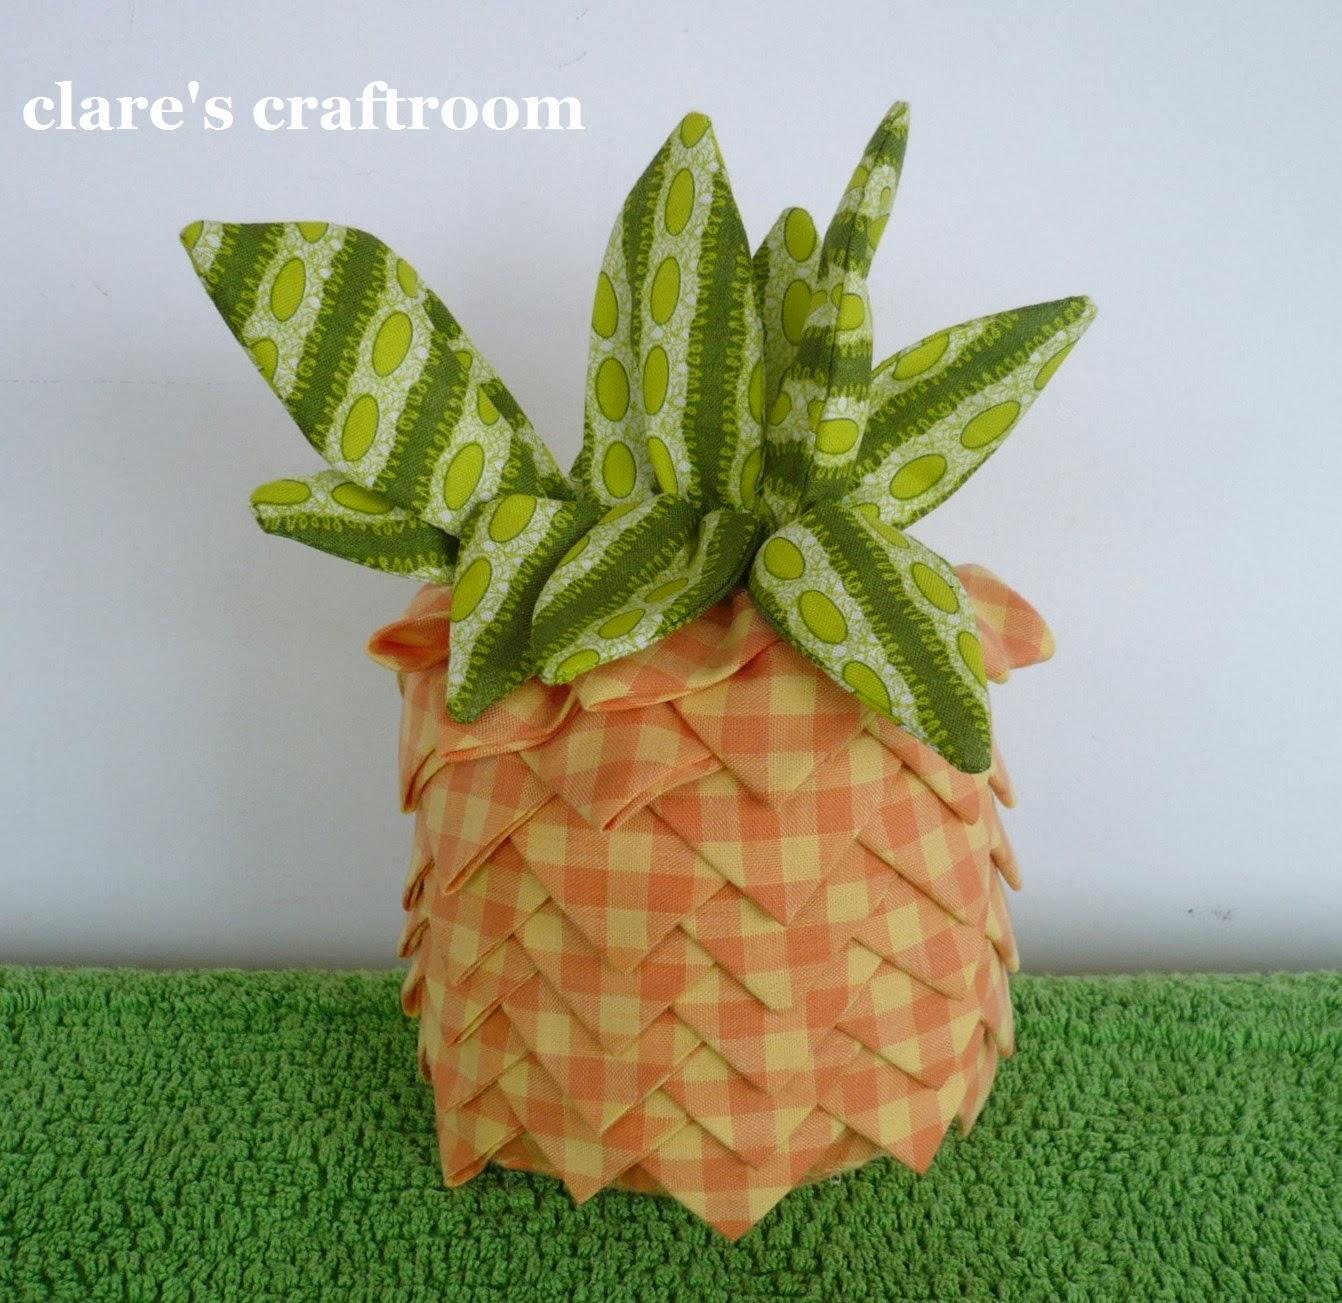 http://1.bp.blogspot.com/-gF-Eak4F3X4/UyEq04reNFI/AAAAAAAAEBQ/T0WBxxcBBeQ/s1600/pineapple+025.JPG